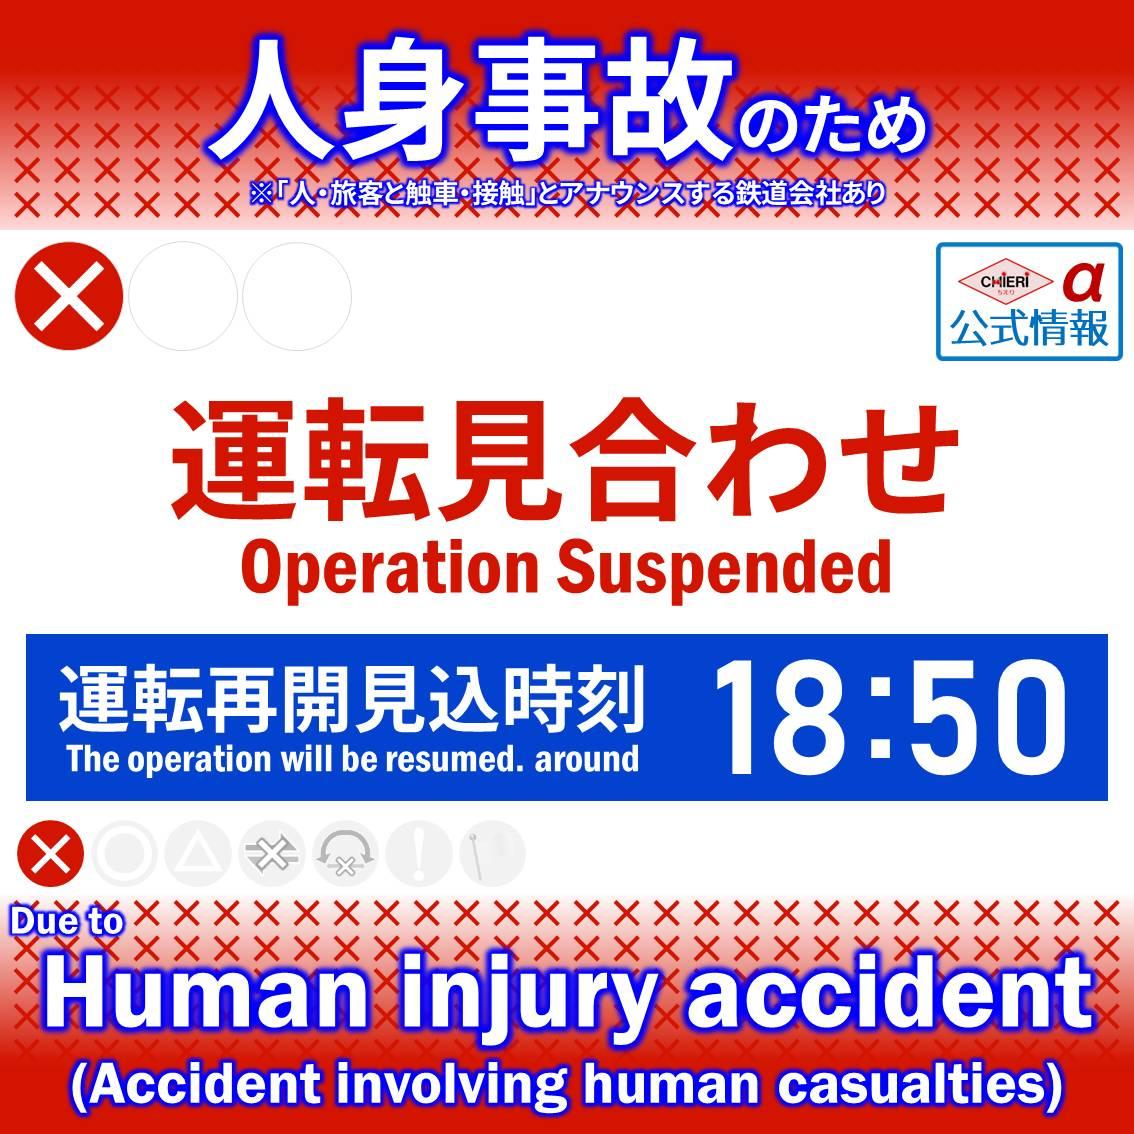 画像,◆東海道本線(熱海~東京)<17:46現在 ❌運転見合わせ>17:34頃、川崎~品川駅間で人身事故発生のため、熱海~東京駅間の運転を見合わせています…